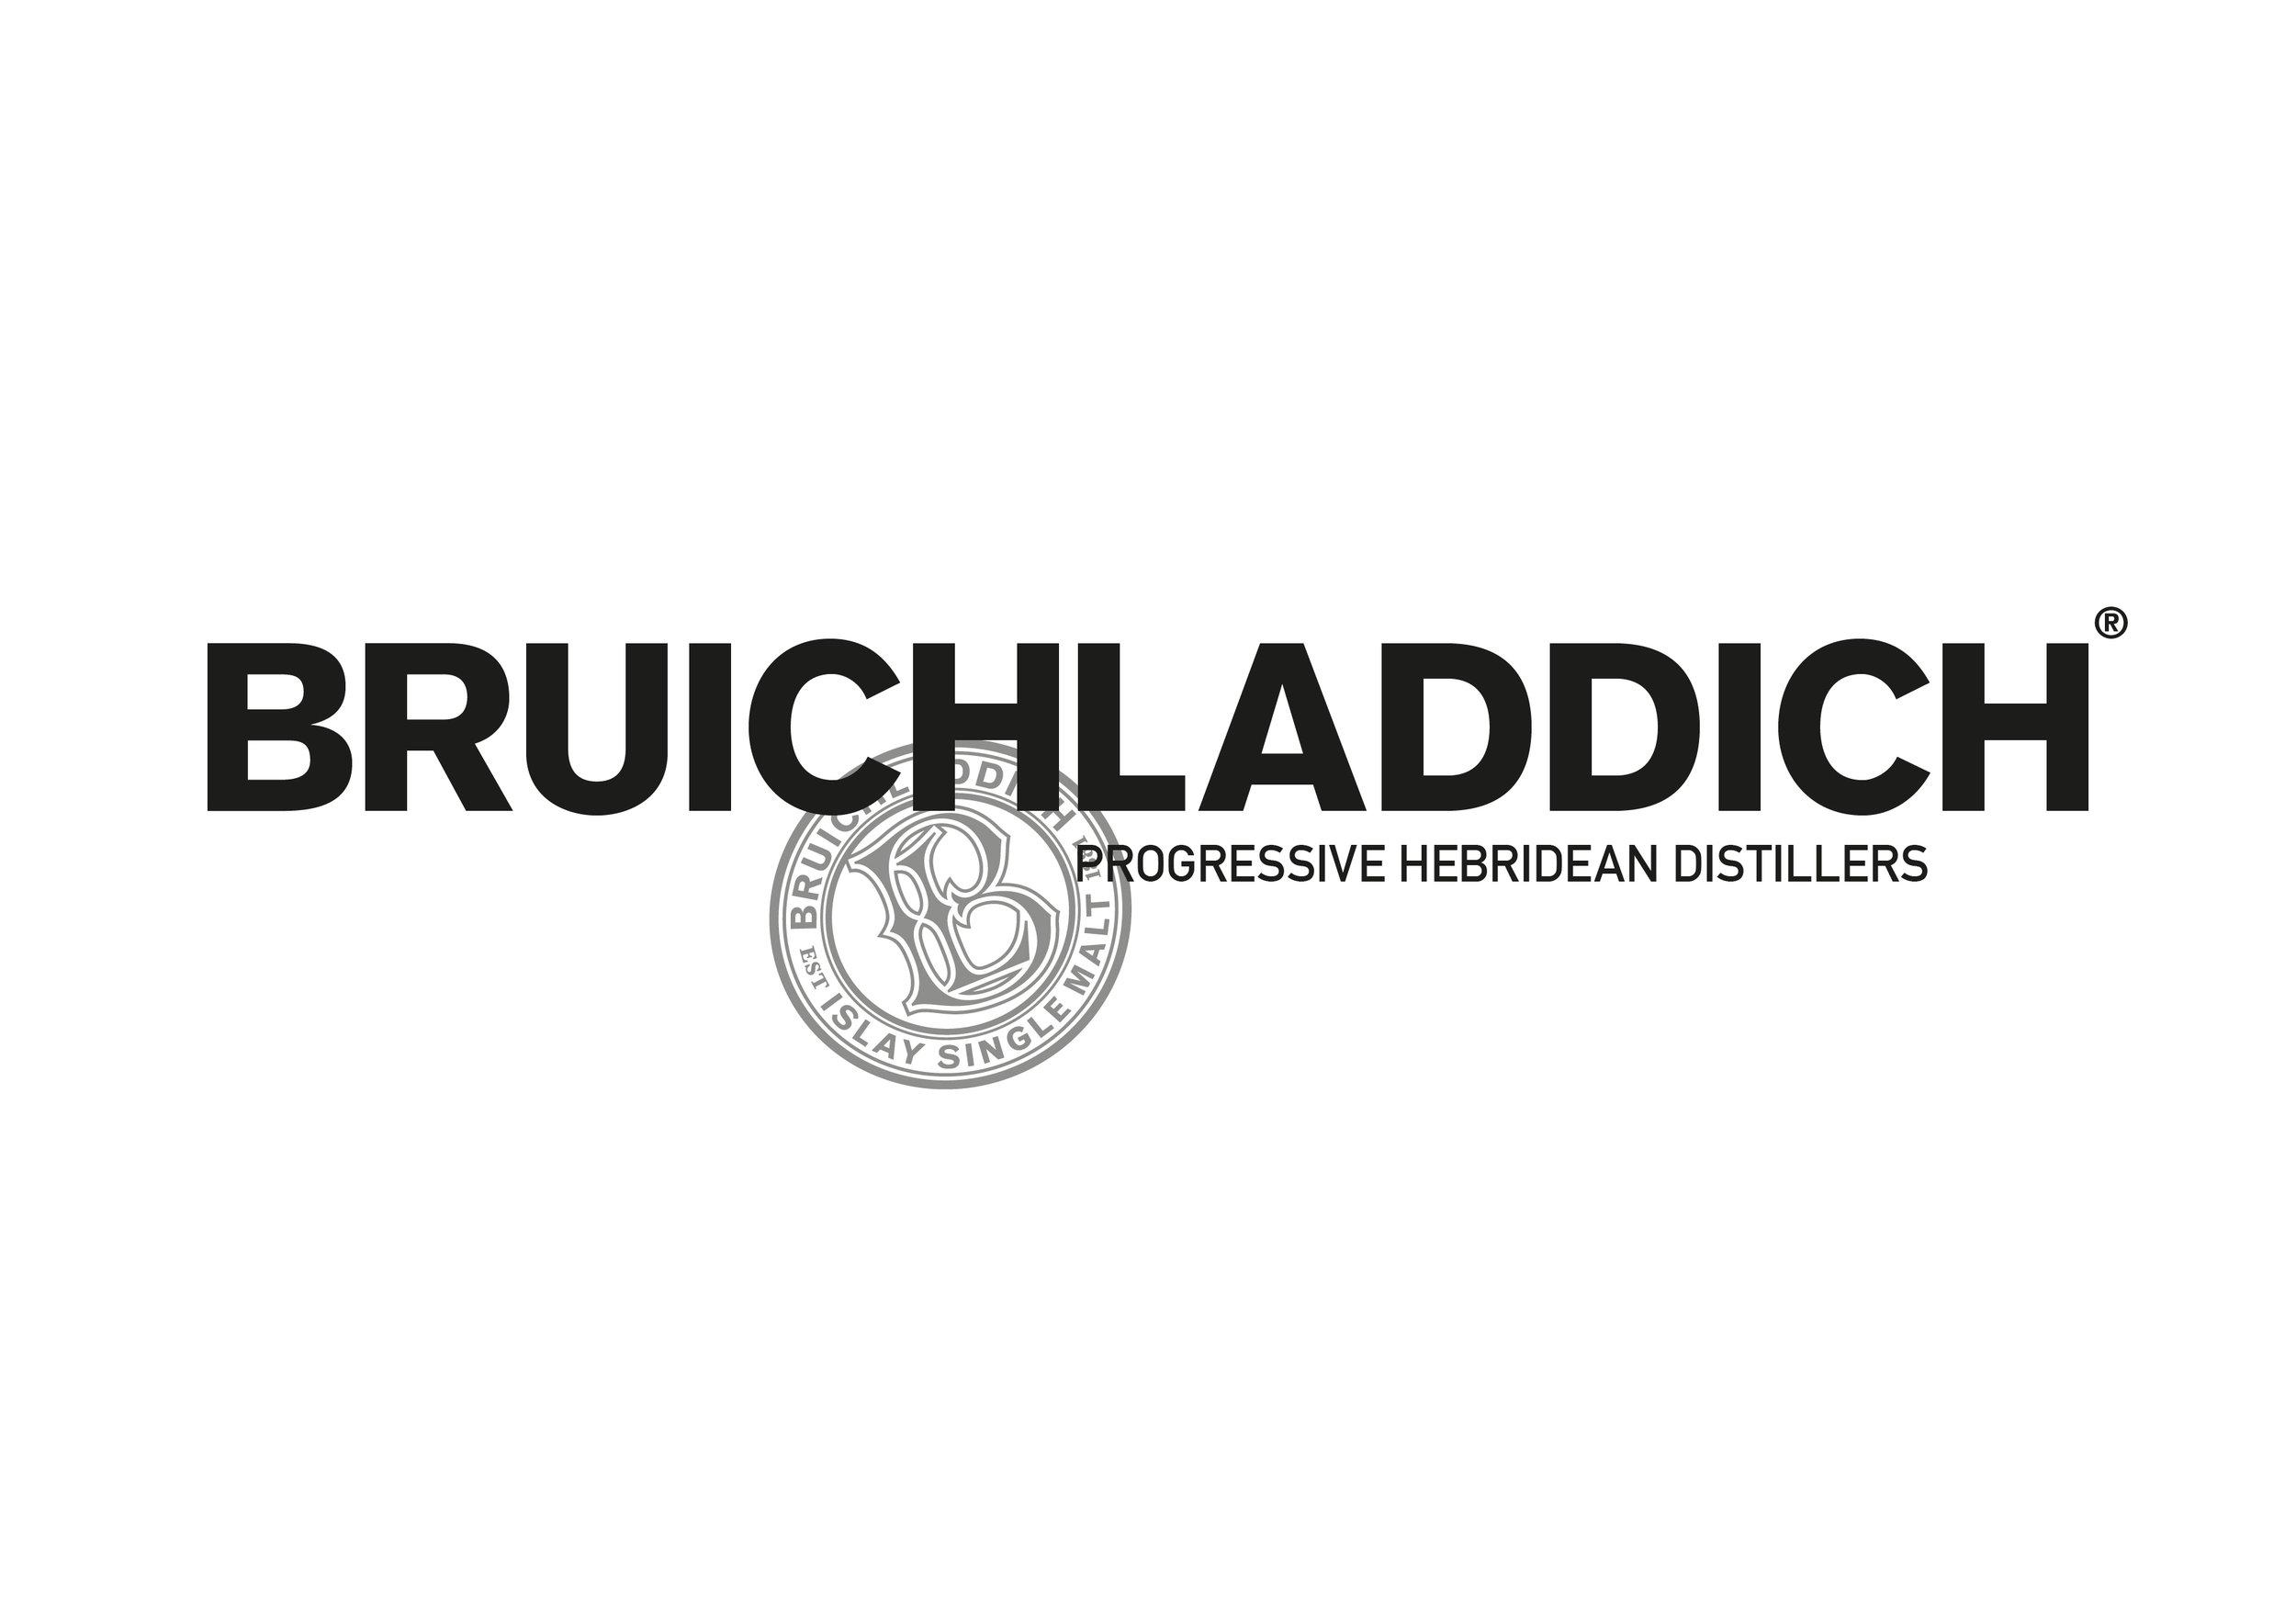 Bruichladdich_logo - Stephanie Mills.jpg